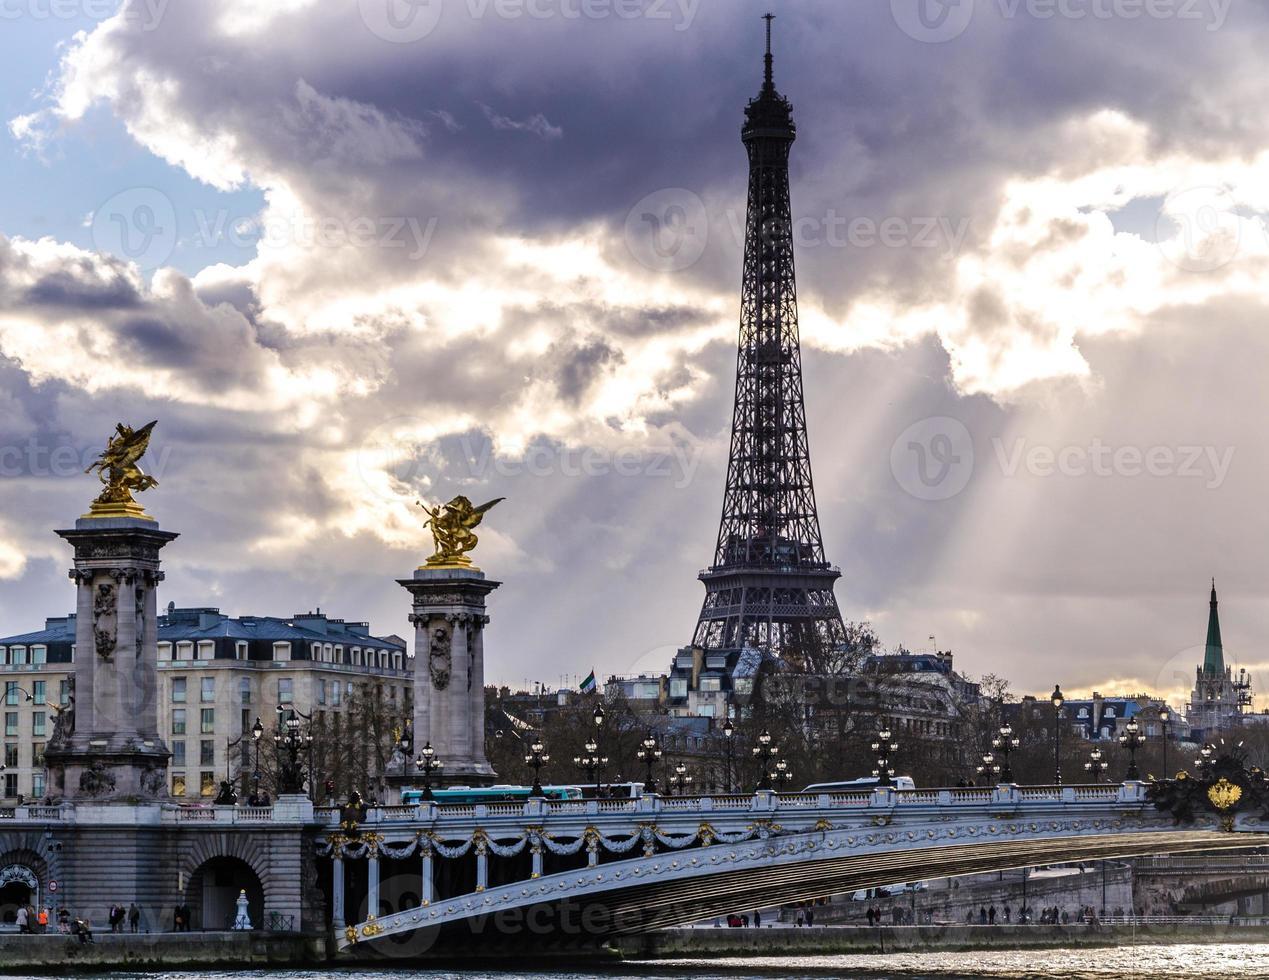 alexandre iii bridge och eiffeltorn, paris foto